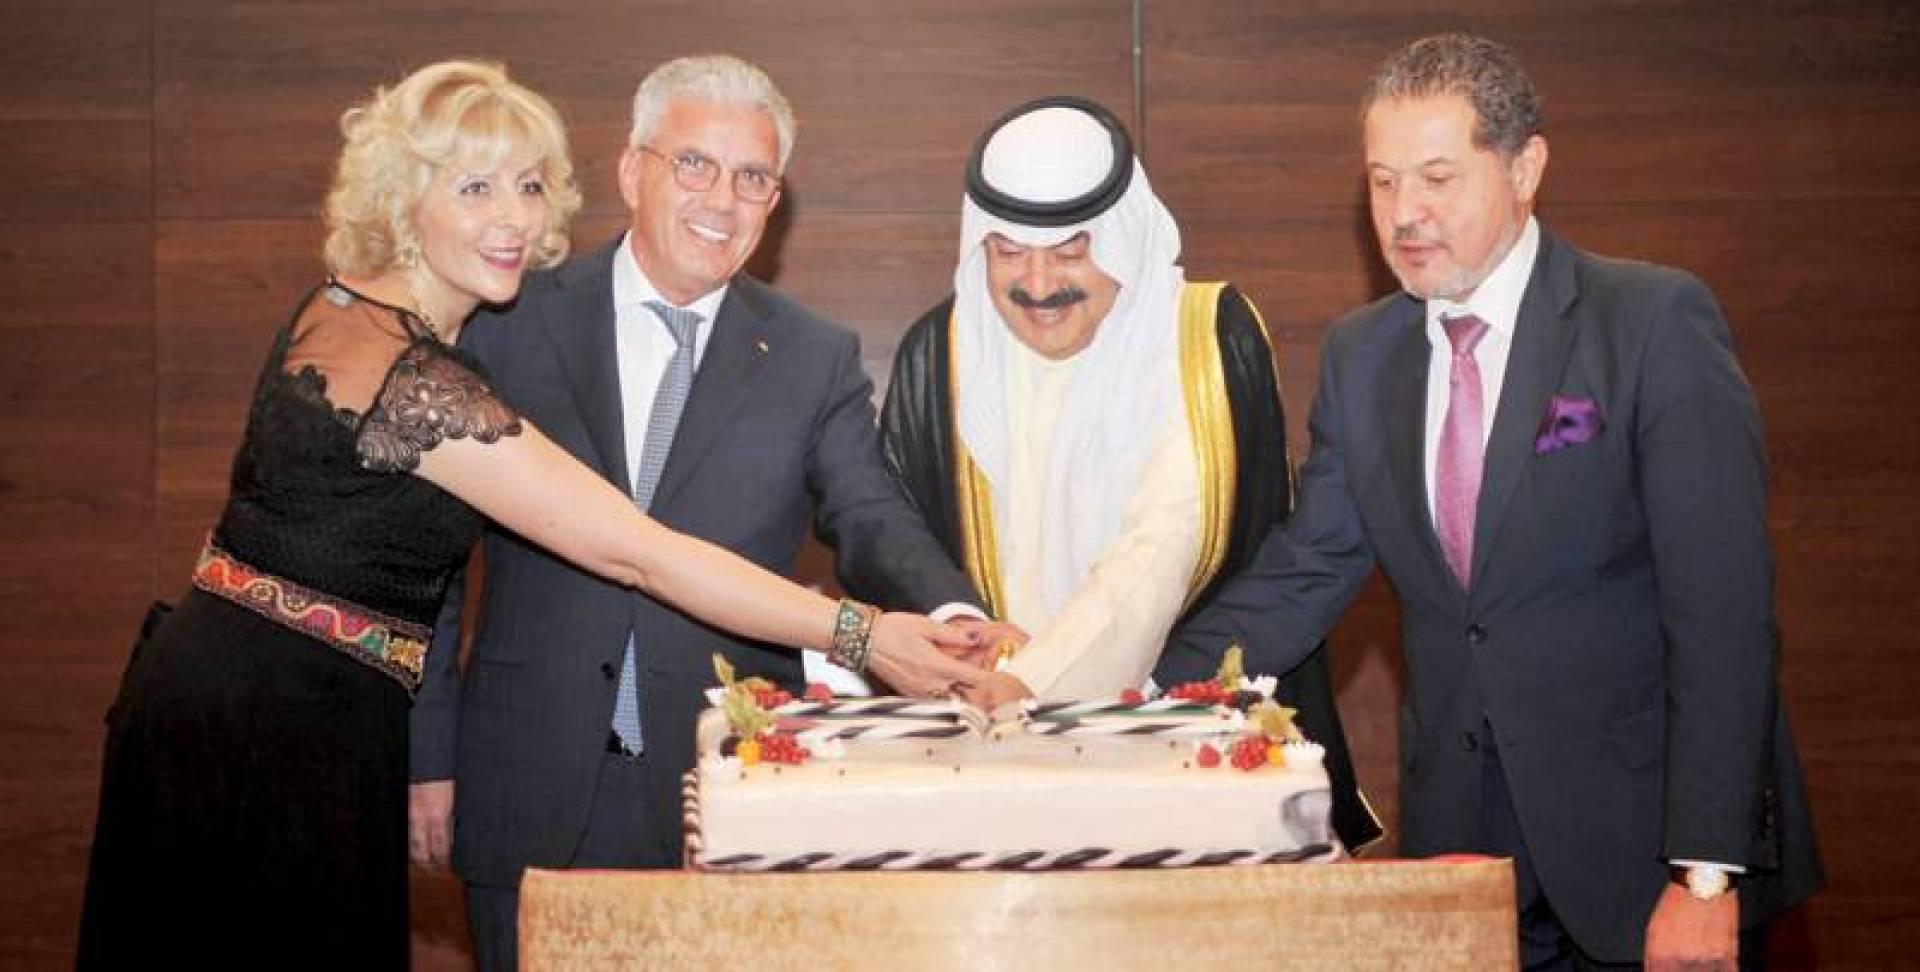 الجارالله مشاركاً السفير الفلسطيني قطع كيكة الاحتفال | تصوير عبدالصمد مصطفى